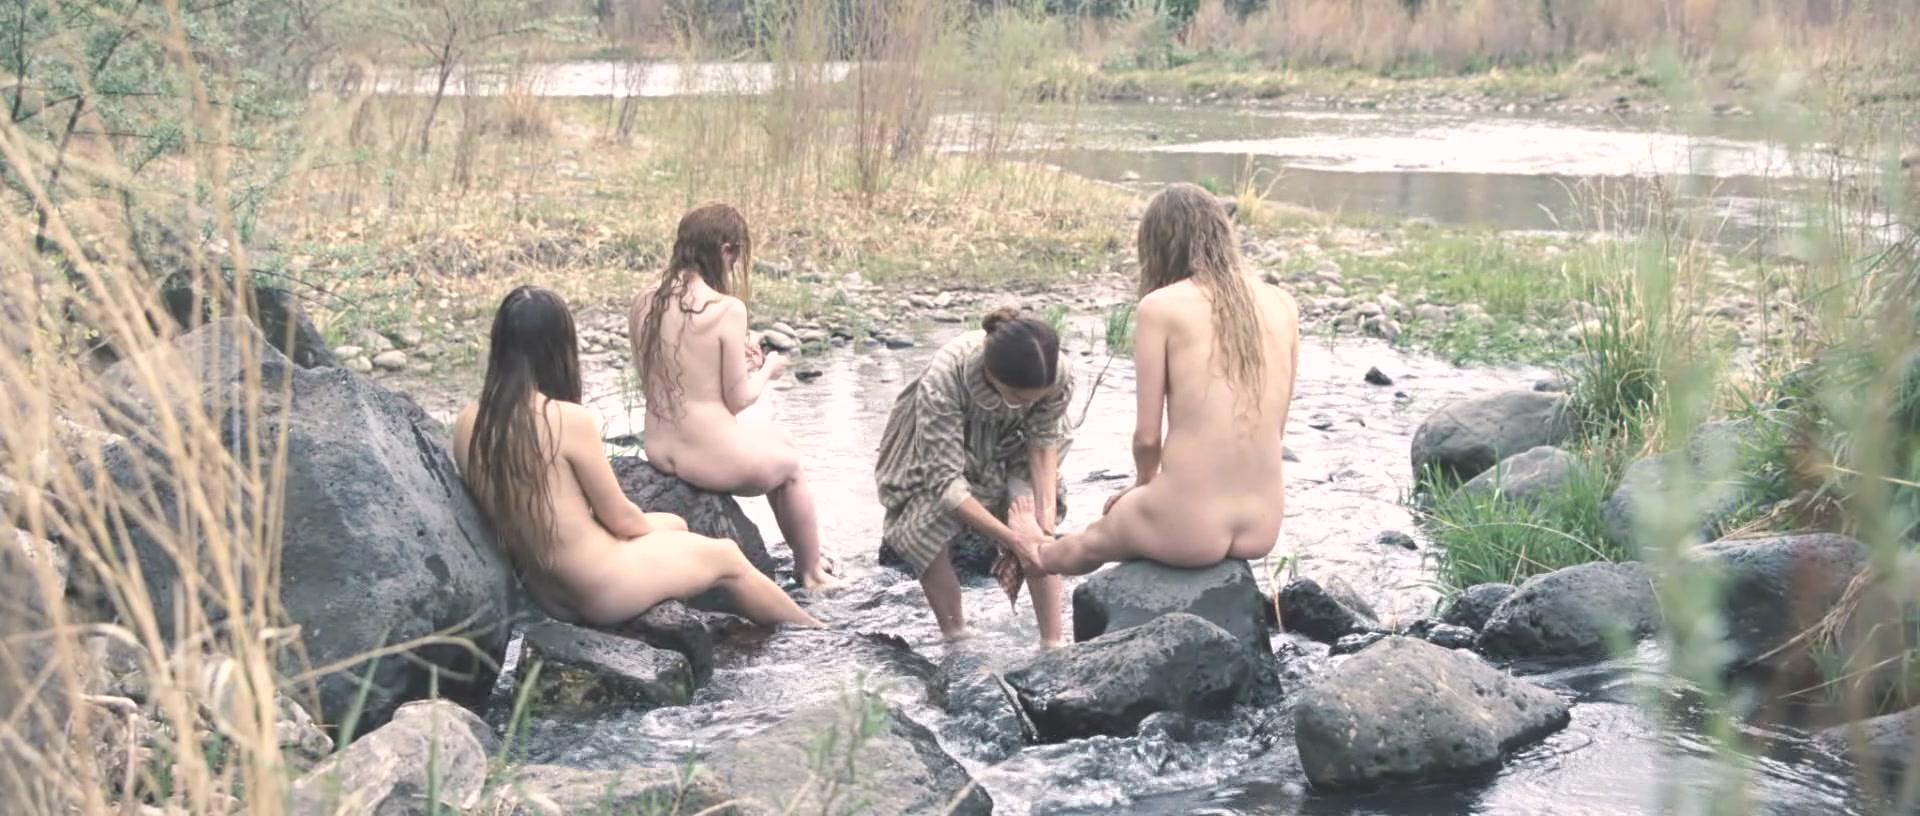 Swank naked hilary hilary swank